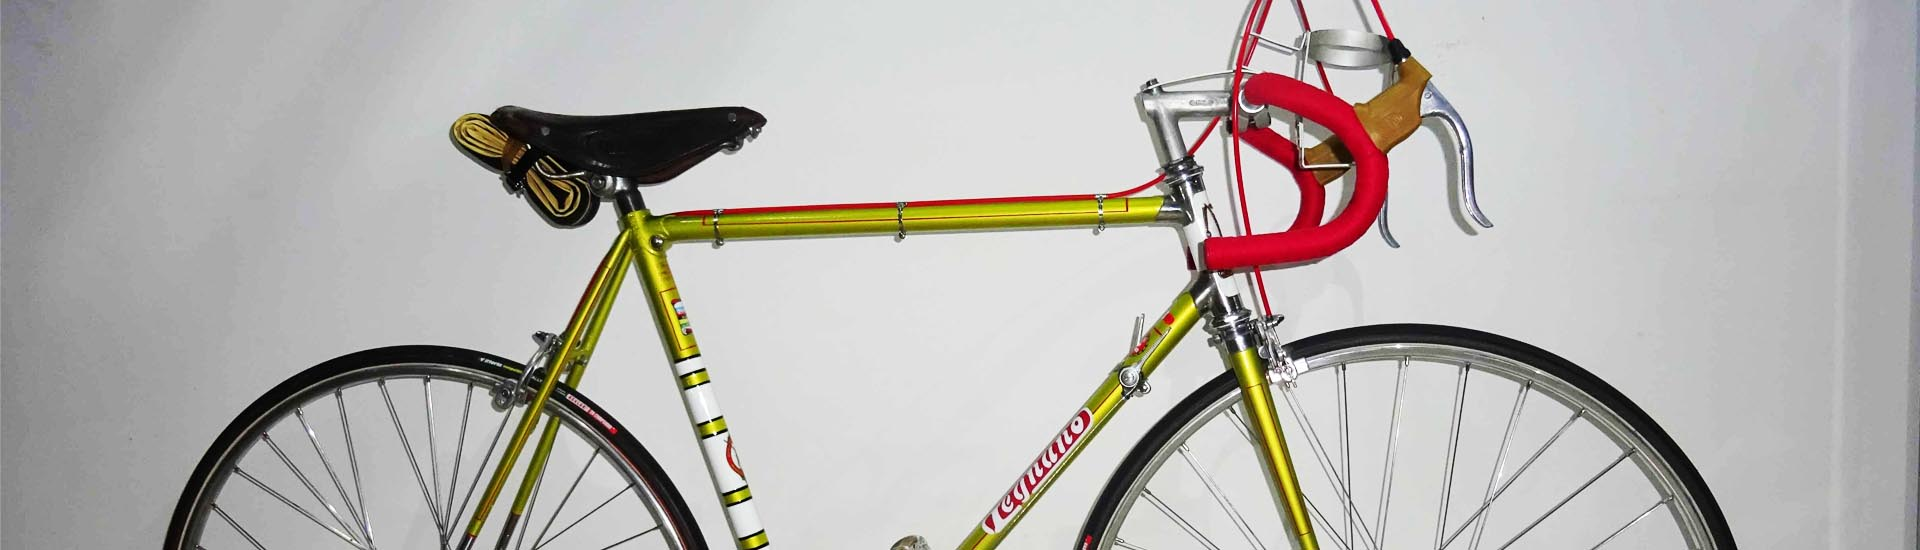 Ciclolab negozio di bici a Roma - slider homepage_5